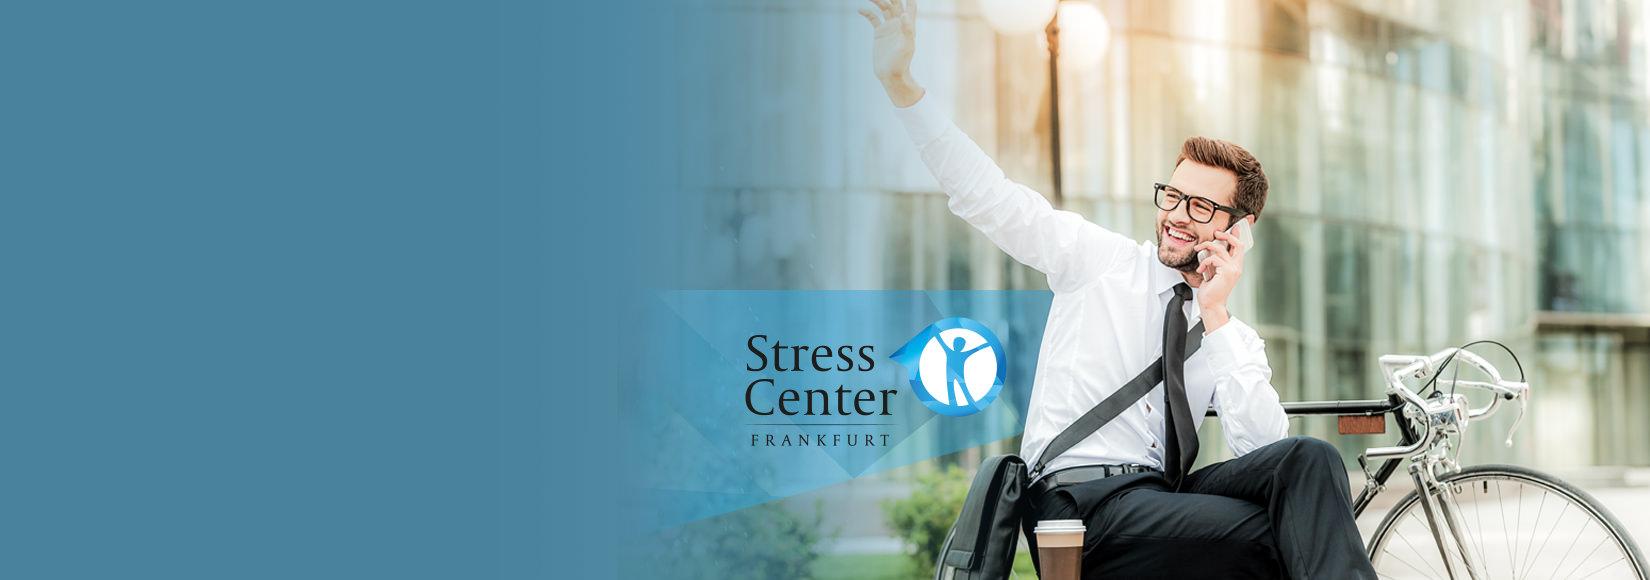 stresscenter_slider-start-1